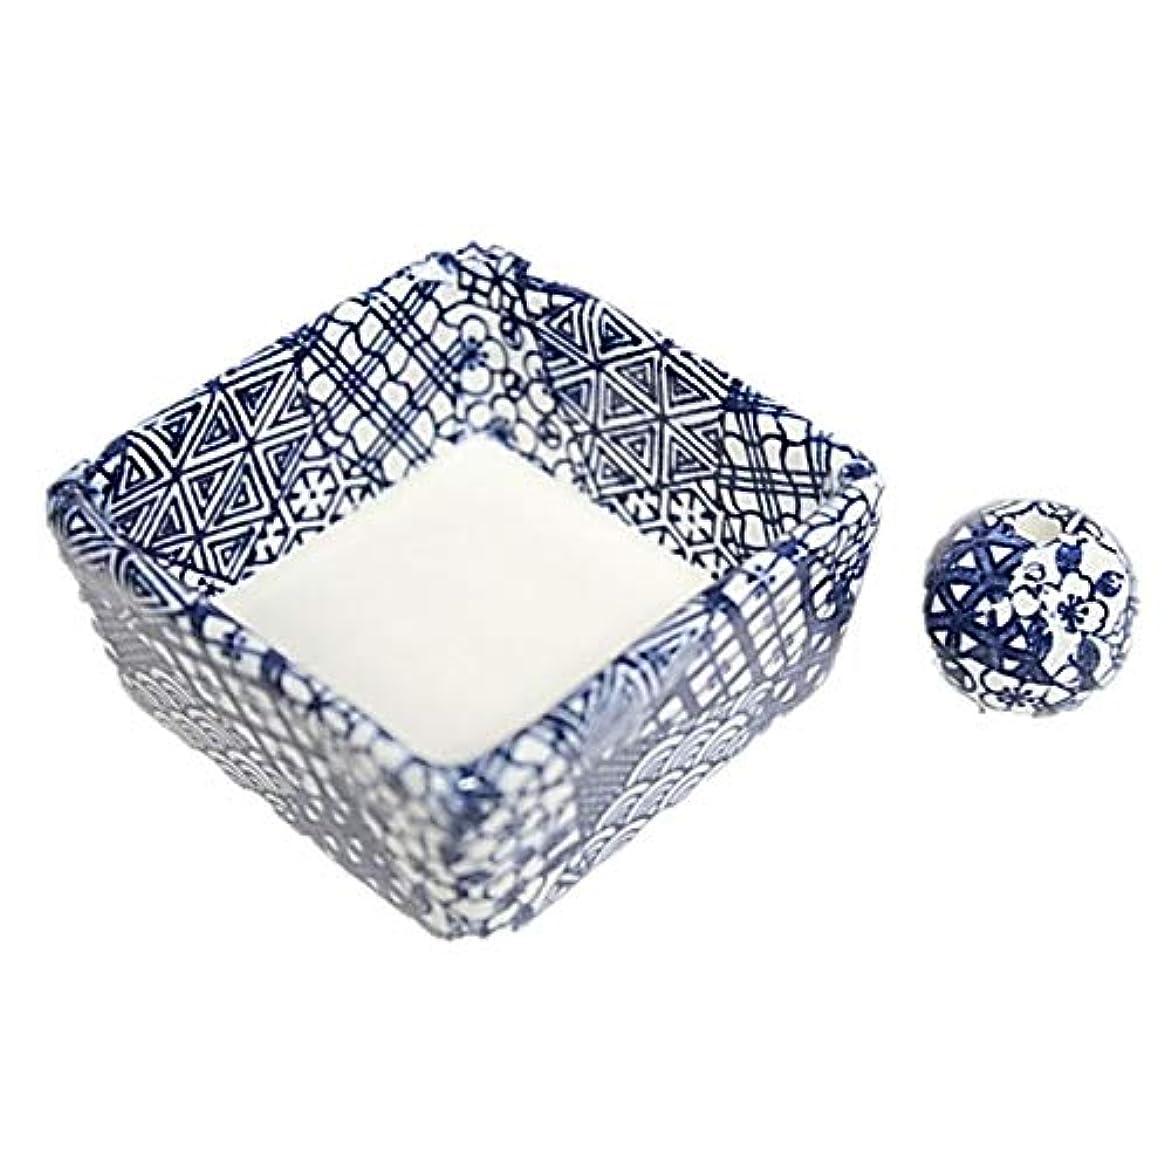 応じる告発者母音和モダン 五条 お香立て 陶器 角鉢 製造直売品